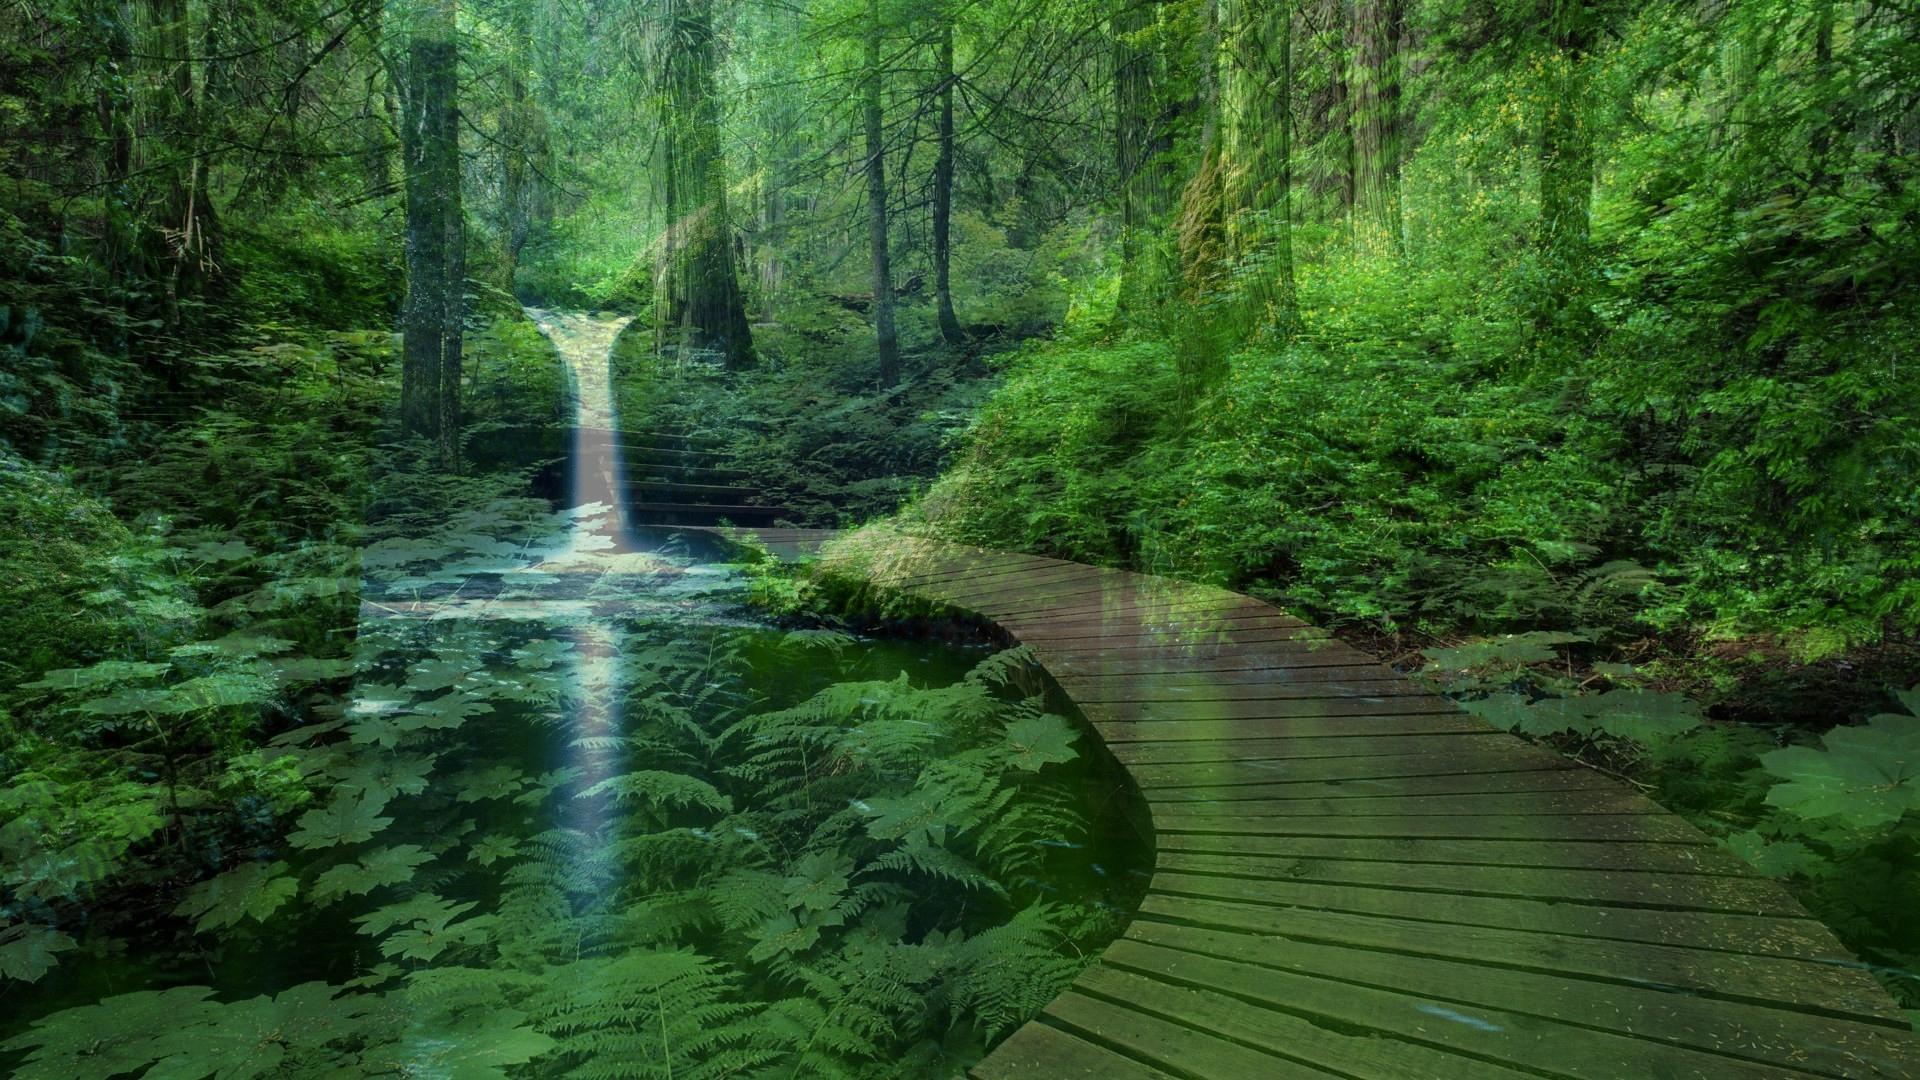 него настройках живые обои лес картинки на рабочий стол небольшие листики острой